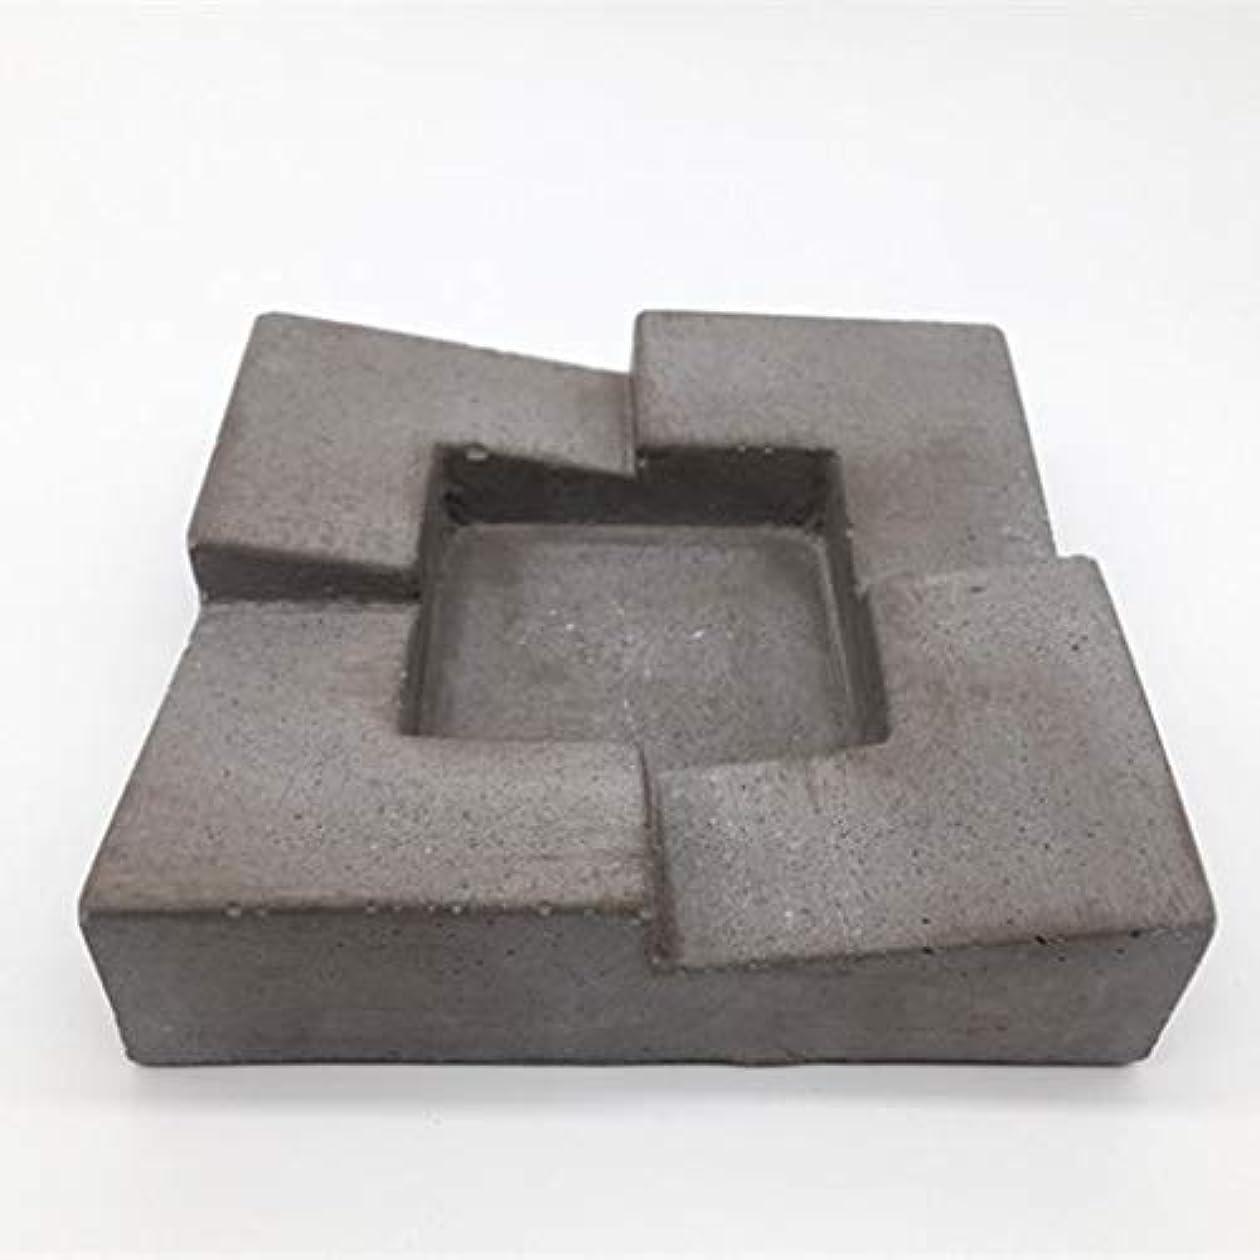 サイレントポジション名前ビンテージ手彫り灰皿、ホームデスクトップ家具葉巻コンクリートリビングルームバーオフィスセメント灰皿(グレー)品質保証